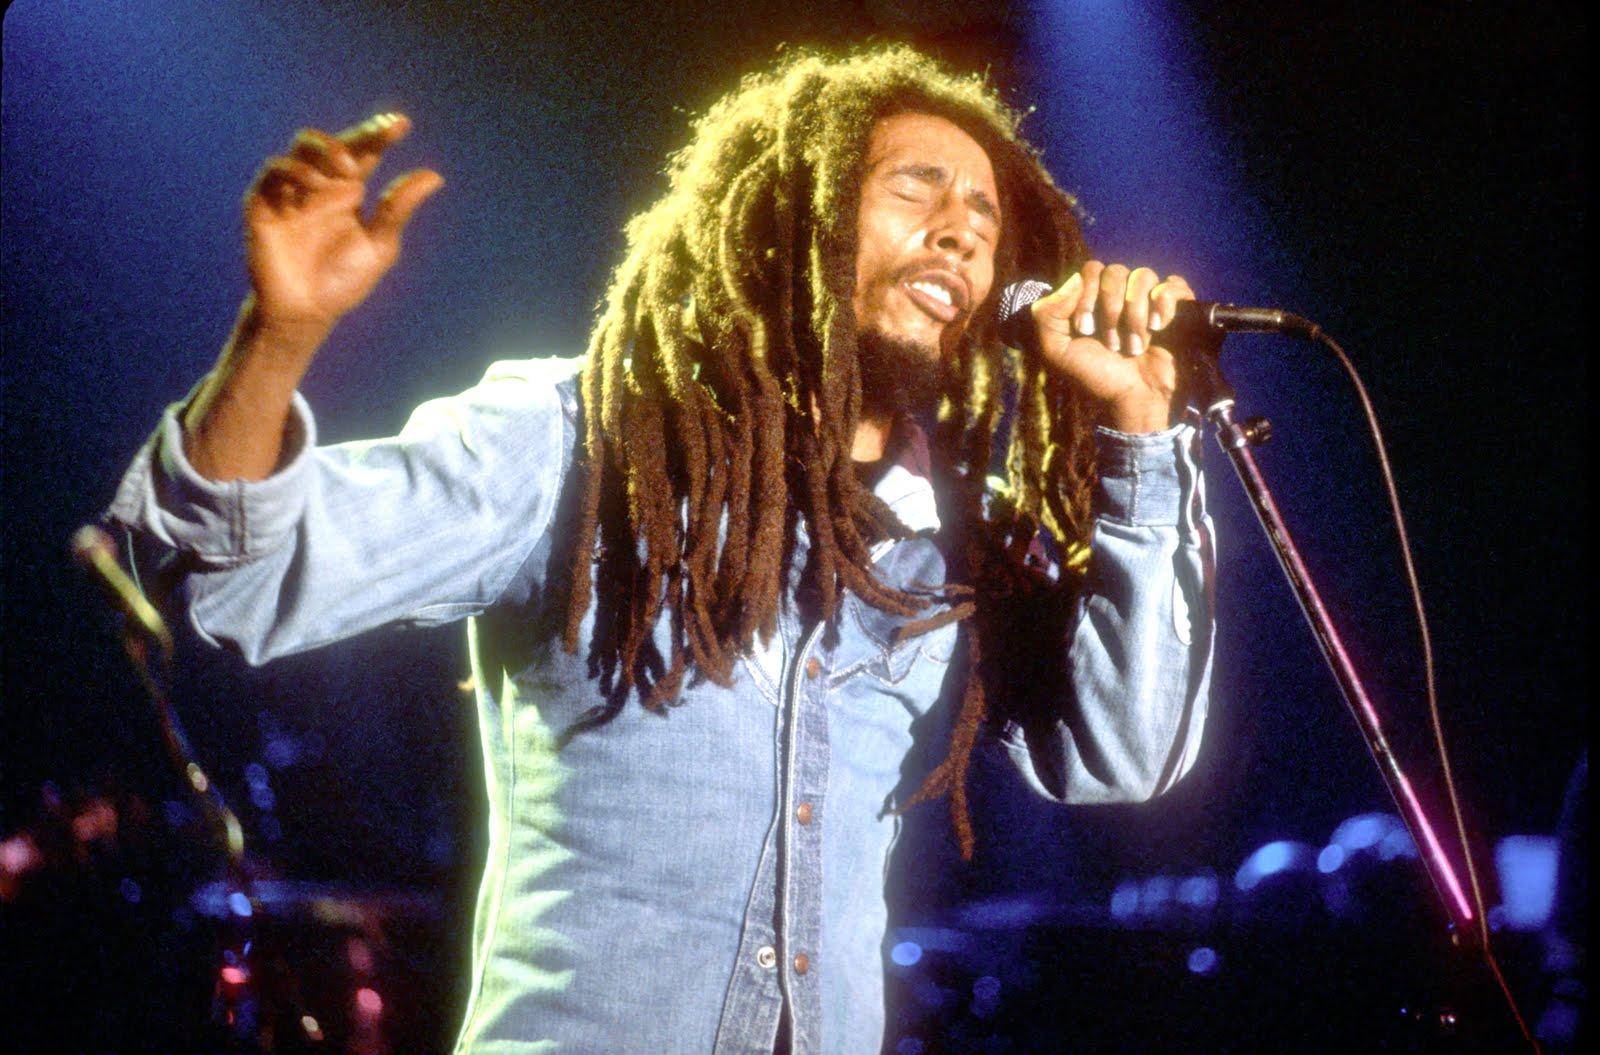 Bob Marley: WORLD FAMOUS PEOPLE: Bob Marley